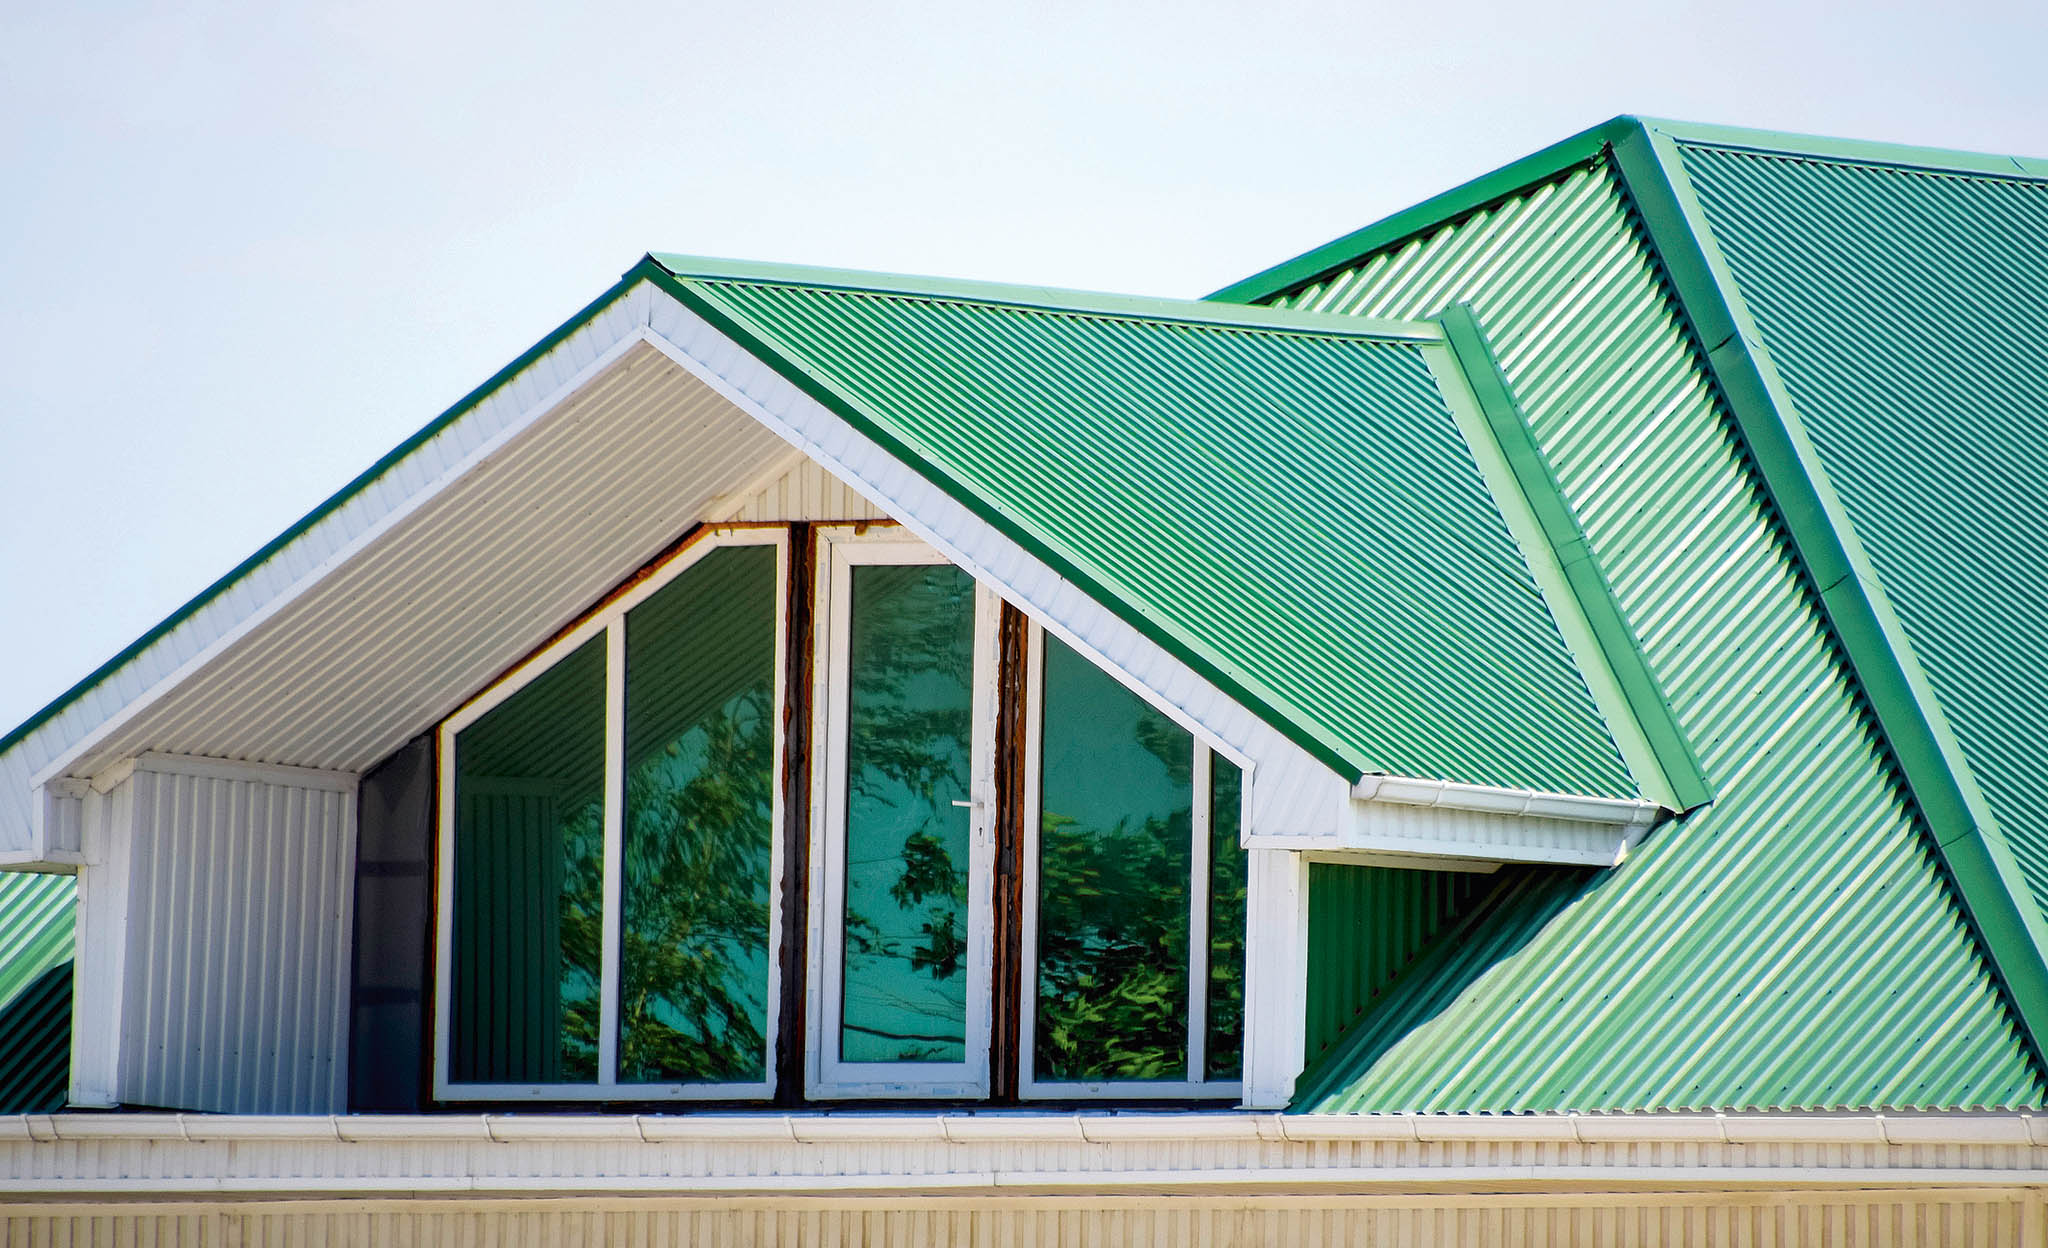 Plechové střechy si lze vybírat vrůzných barevných provedeních, odčerné přes hnědou, tmavě šedou ačervenou až pozelenou.